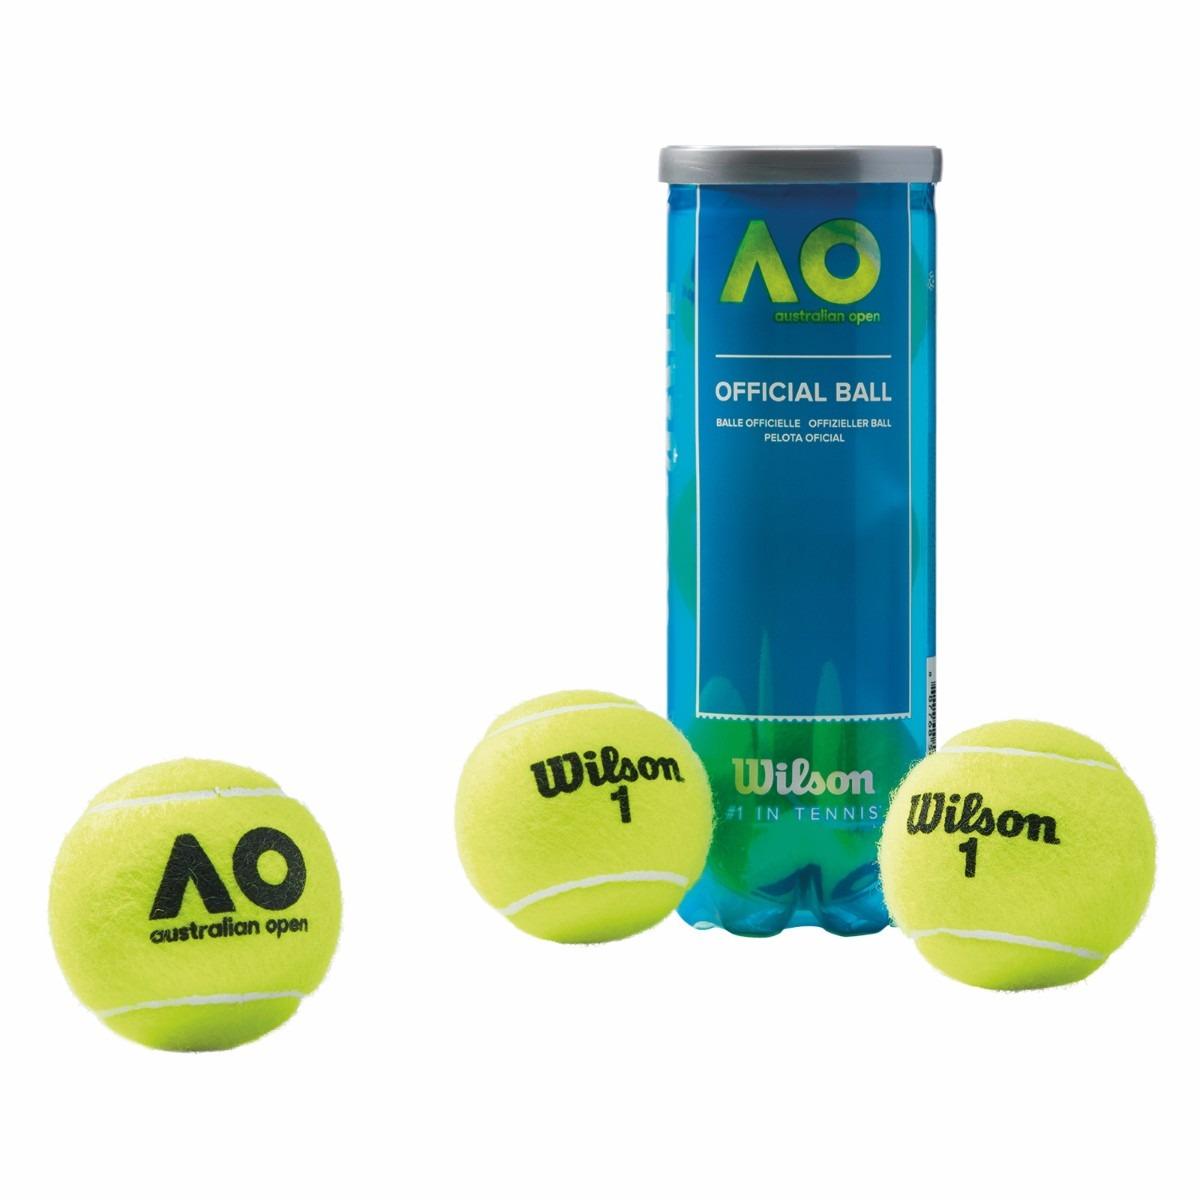 29cf5f4eb bola de tênis wilson australian open - todos os pisos. Carregando zoom.